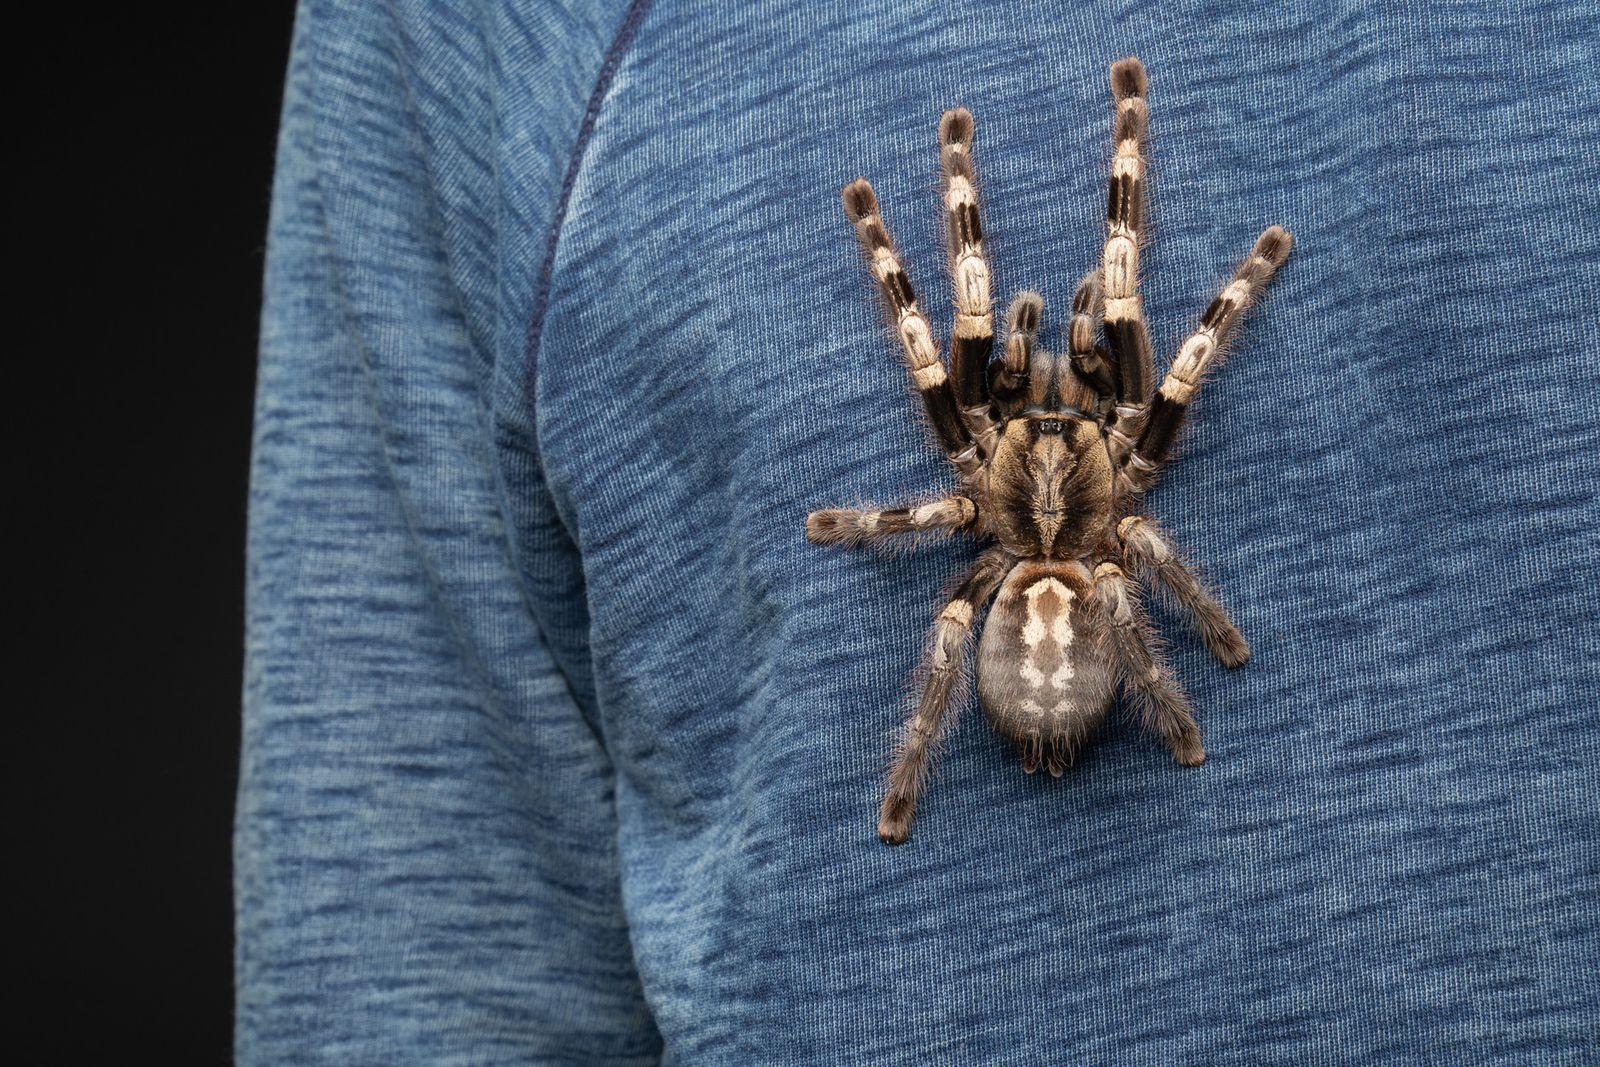 A very photogenic tarantula